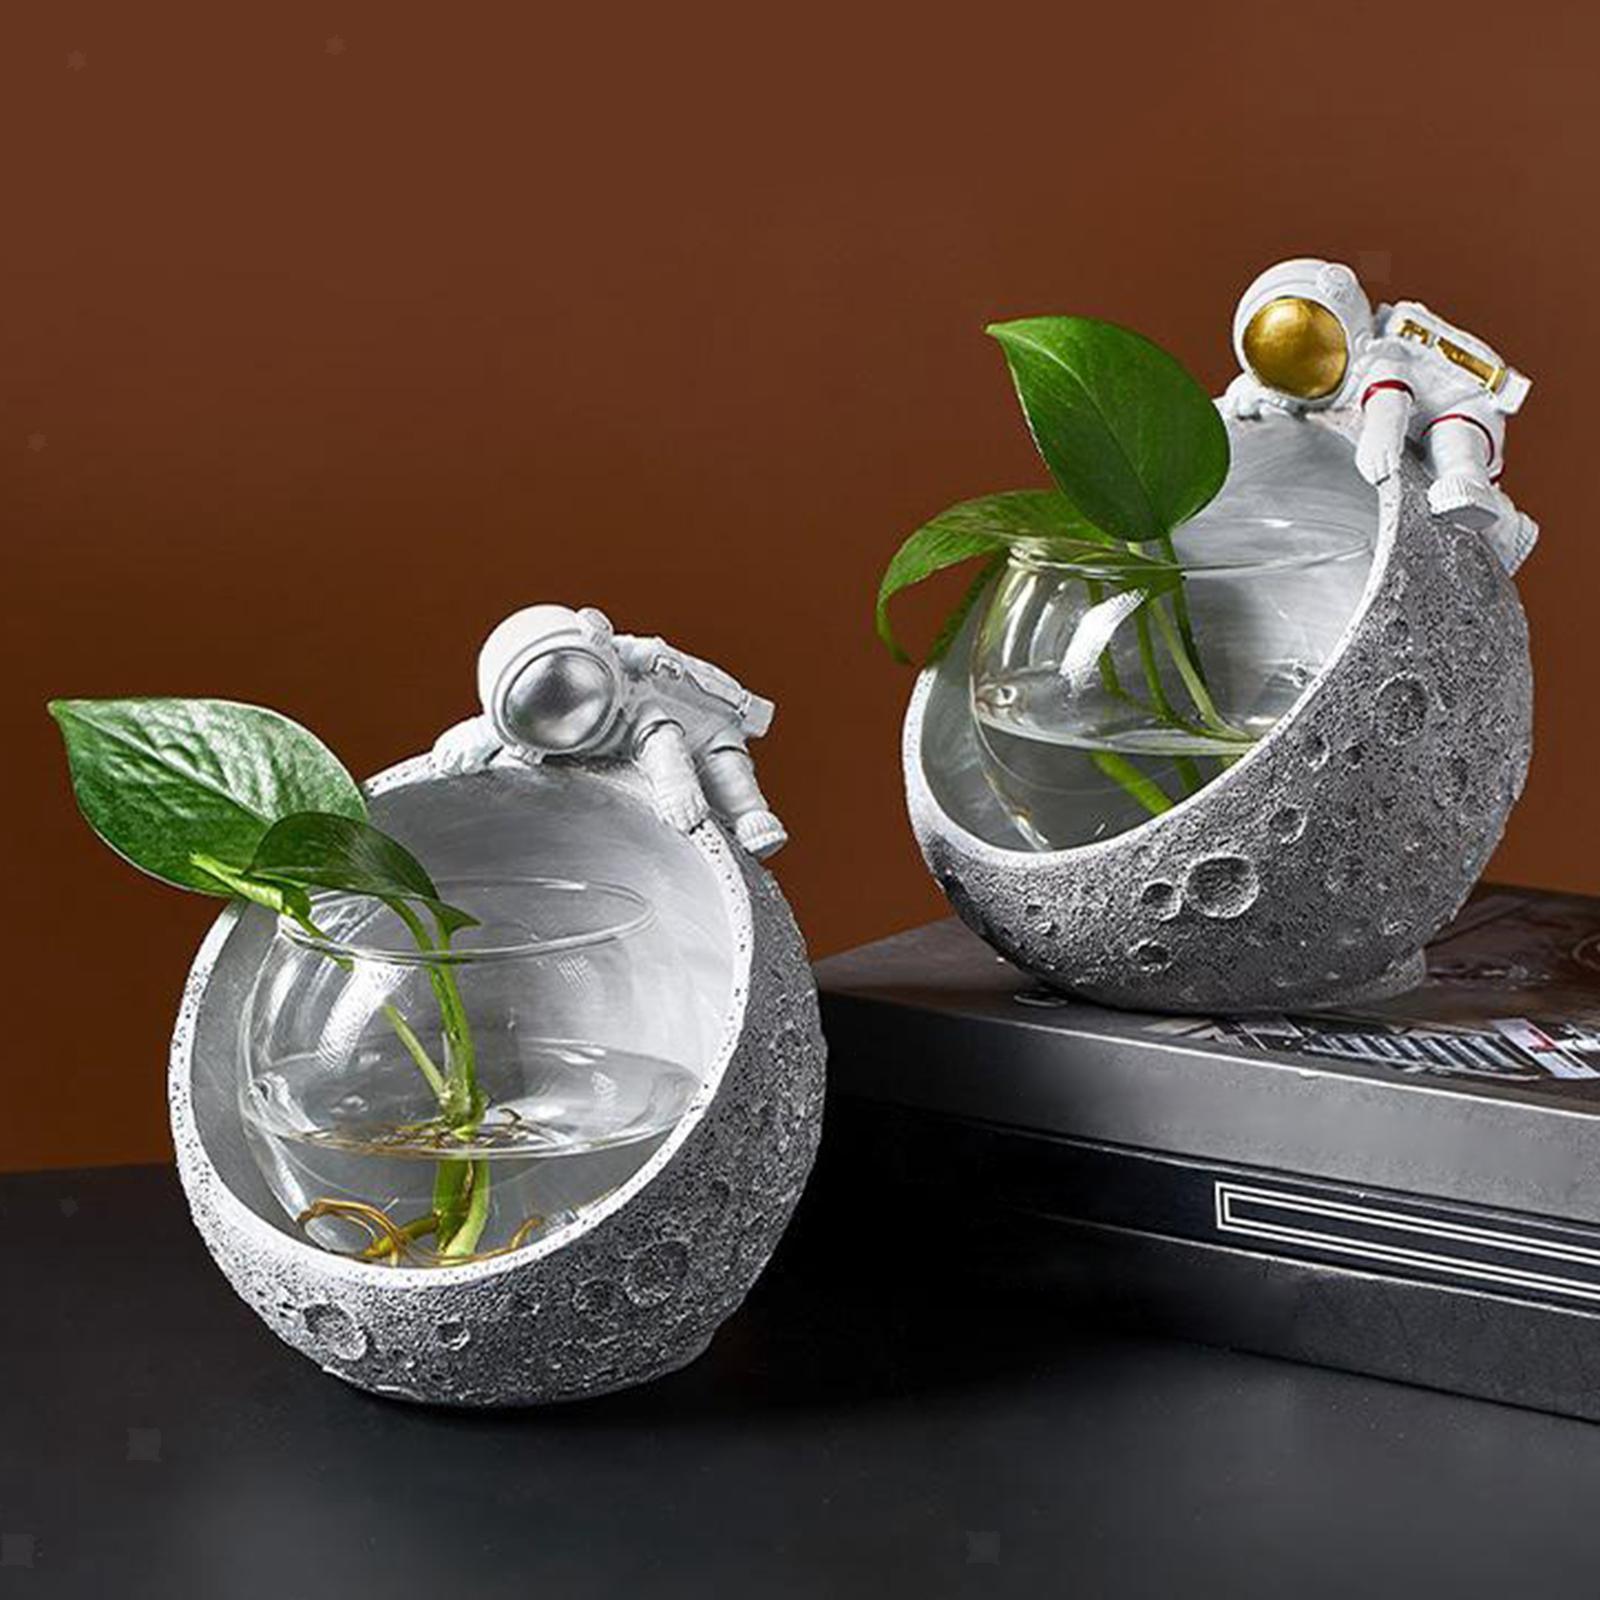 Indexbild 3 - Glas Pflanzgefäße Tisch Pflanzgefäße Runde Glasvase Blumentöpfe